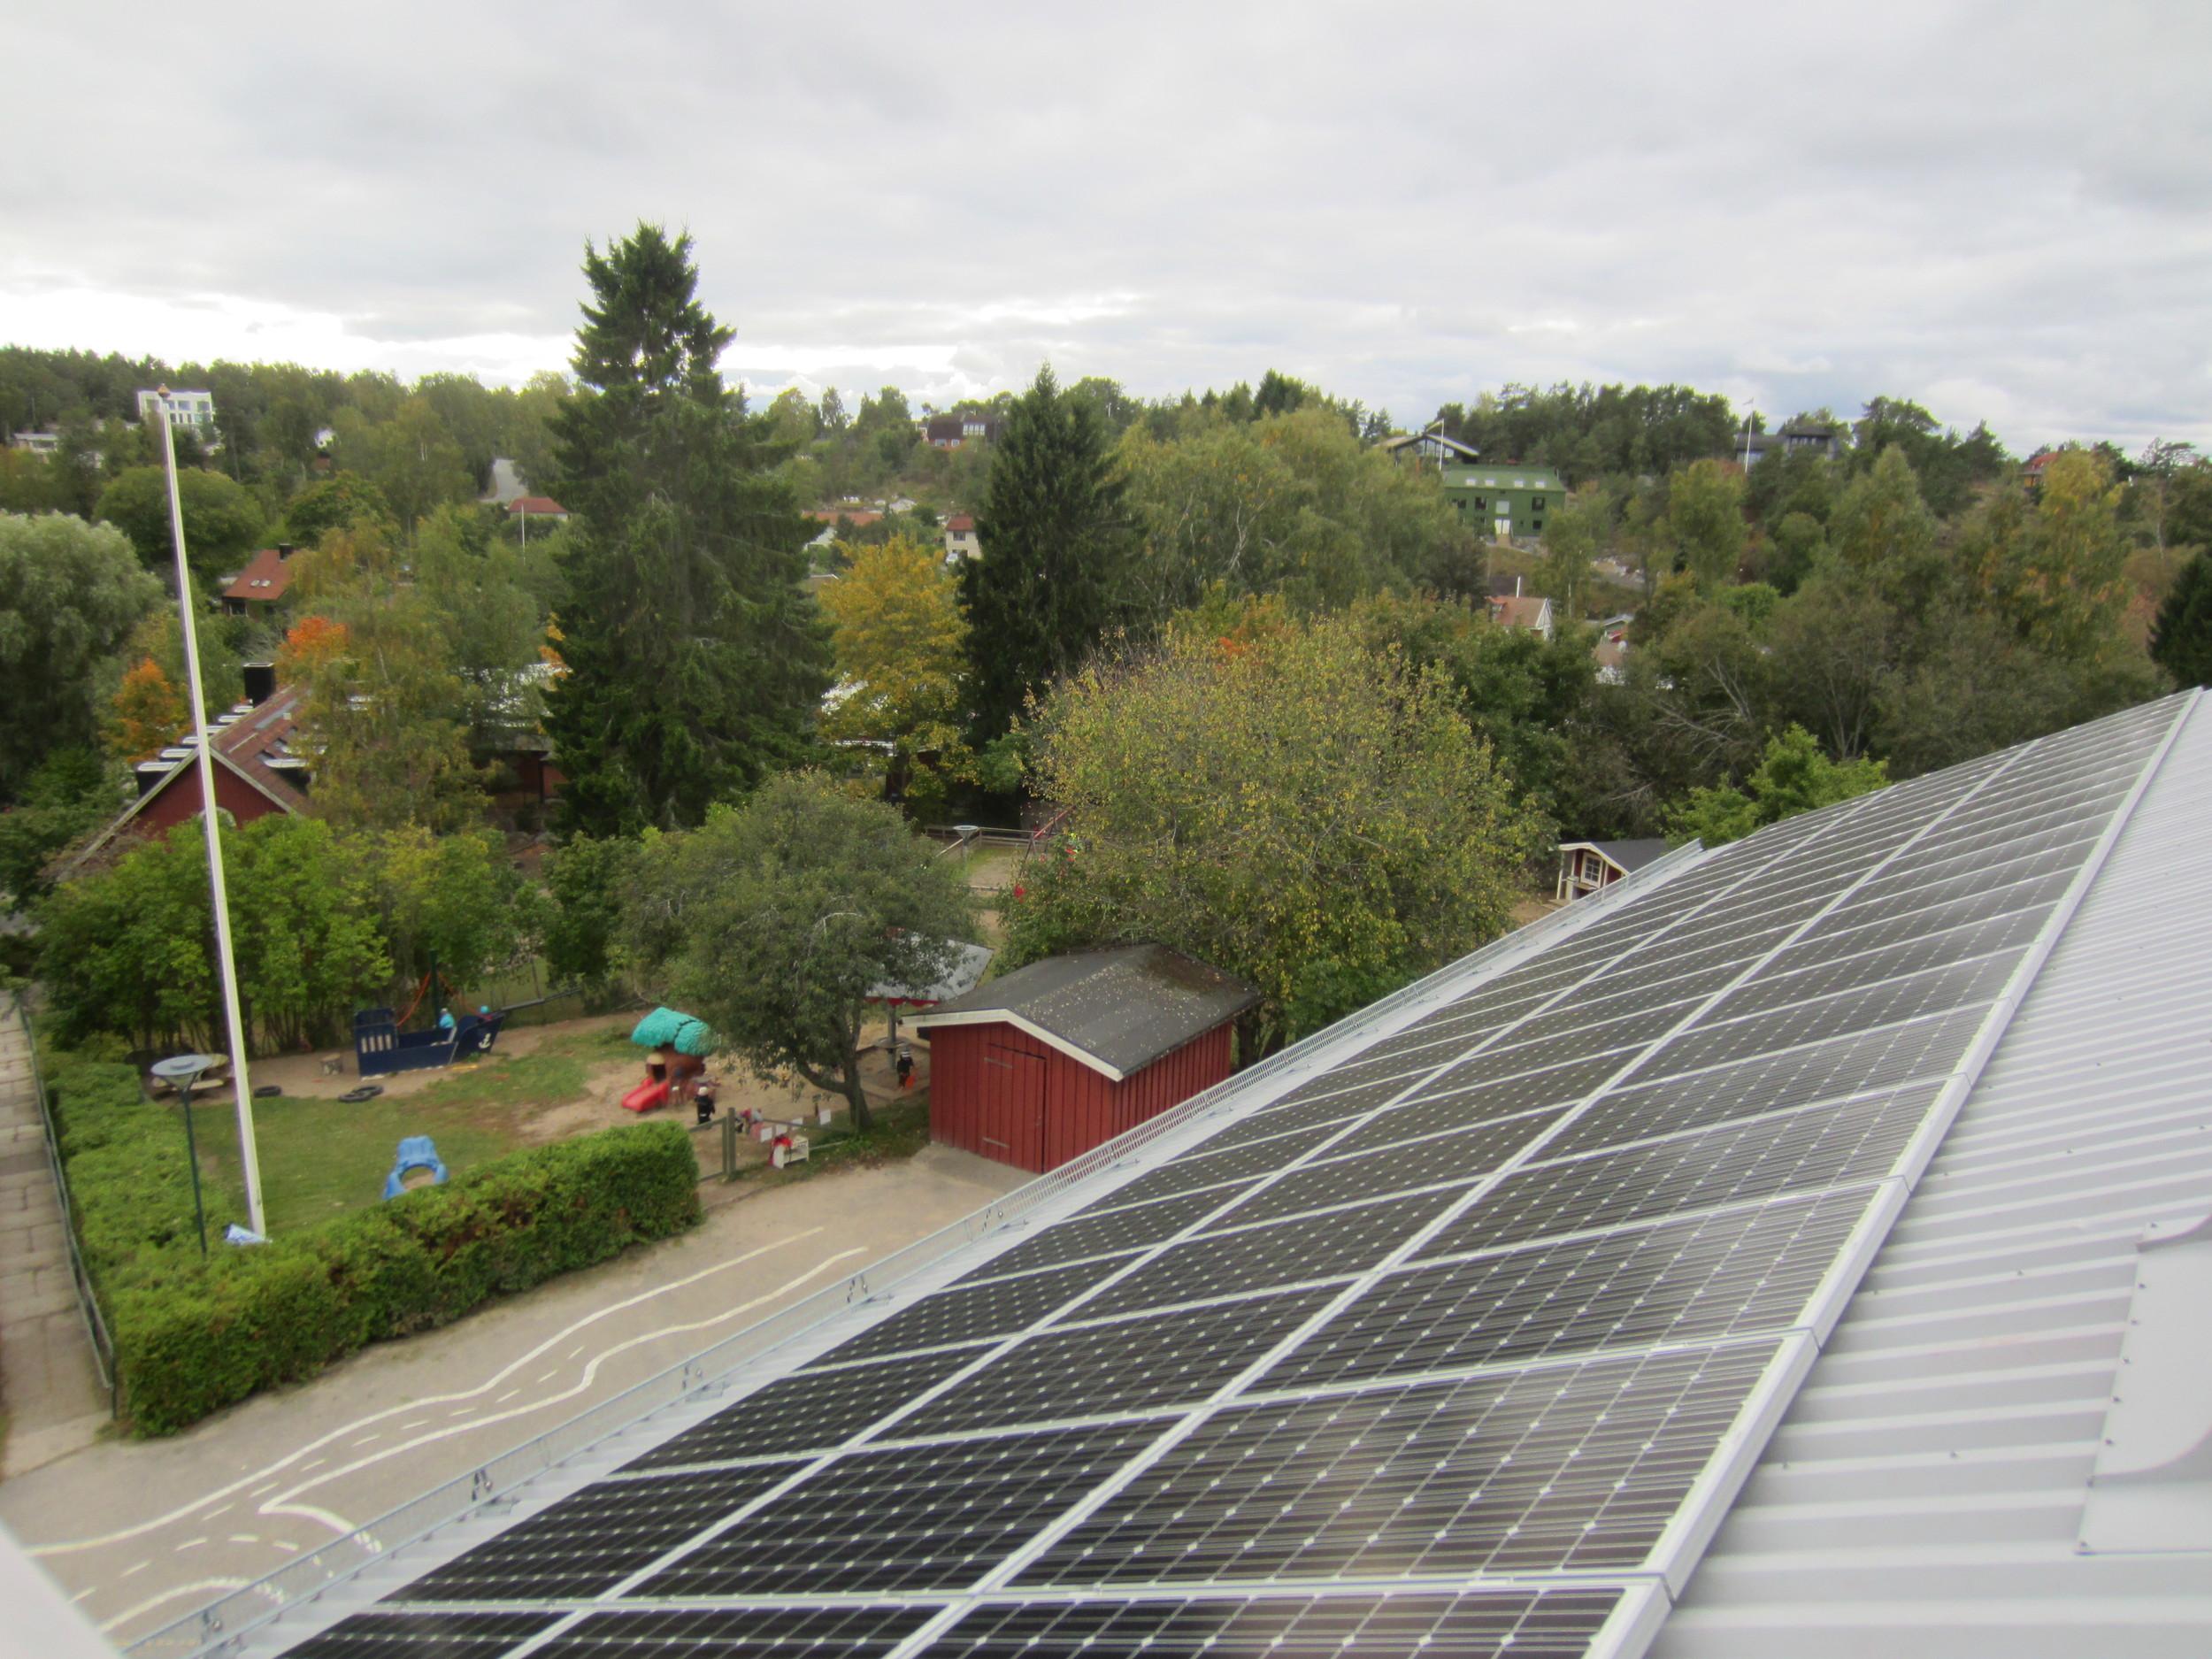 Förstudier för ett 15 tal solcellsanläggningar i Värmdö kommun.  Vi har utfört förstudier för ett 15 tal skolor och förskolor i Värmdö kommun. En av dem, Solbackens förskola (bilden ovan), är uppförd och här stod vi för projektering, upphandling och står för fortsatt uppföljning. Läs mer   här  .